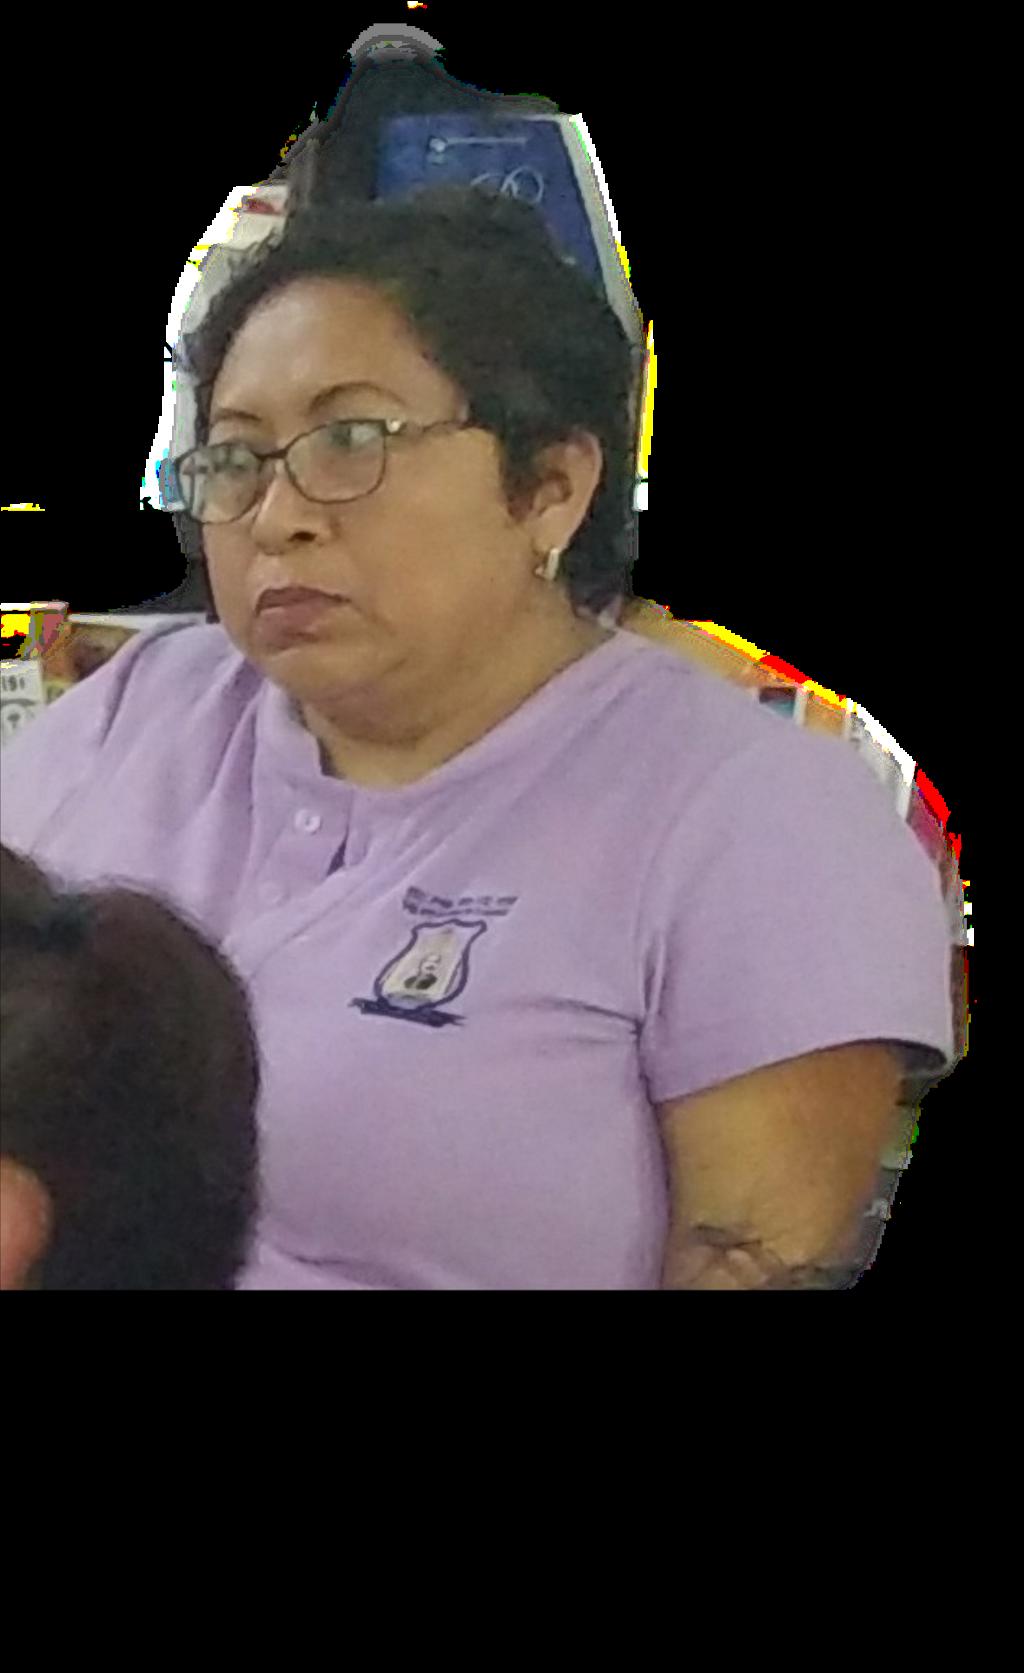 #quecosaaa